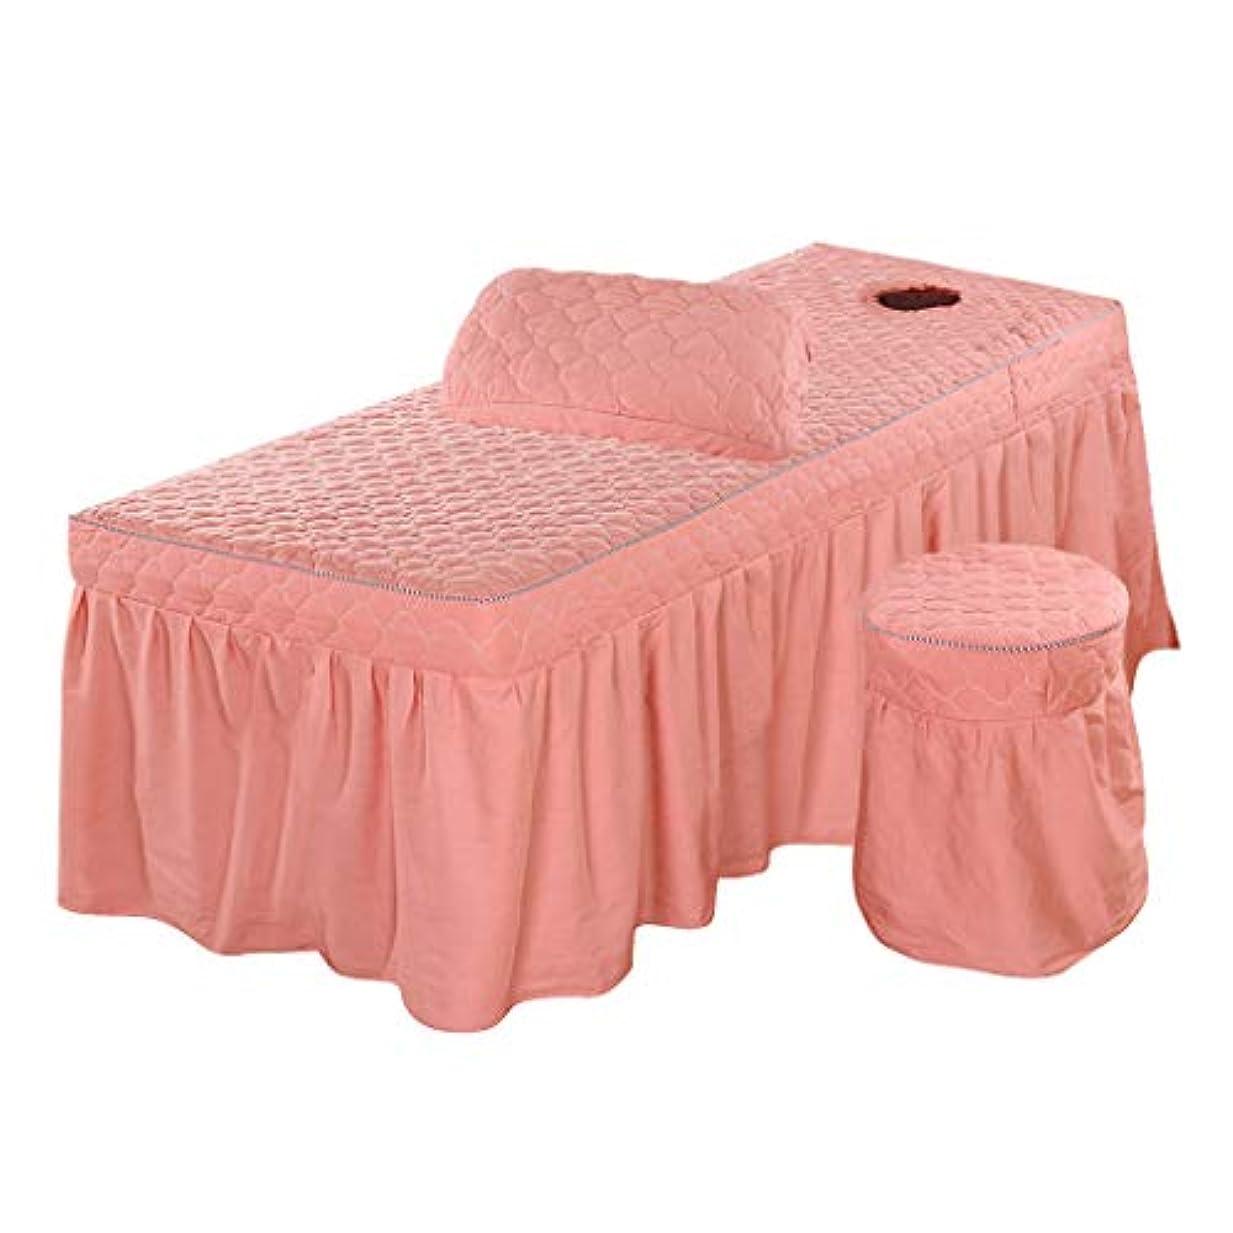 細菌コンサート途方もない3点セット 美容ベッドスカート 有孔 スツールカバー 枕カバー付き 通気性 - ピンク